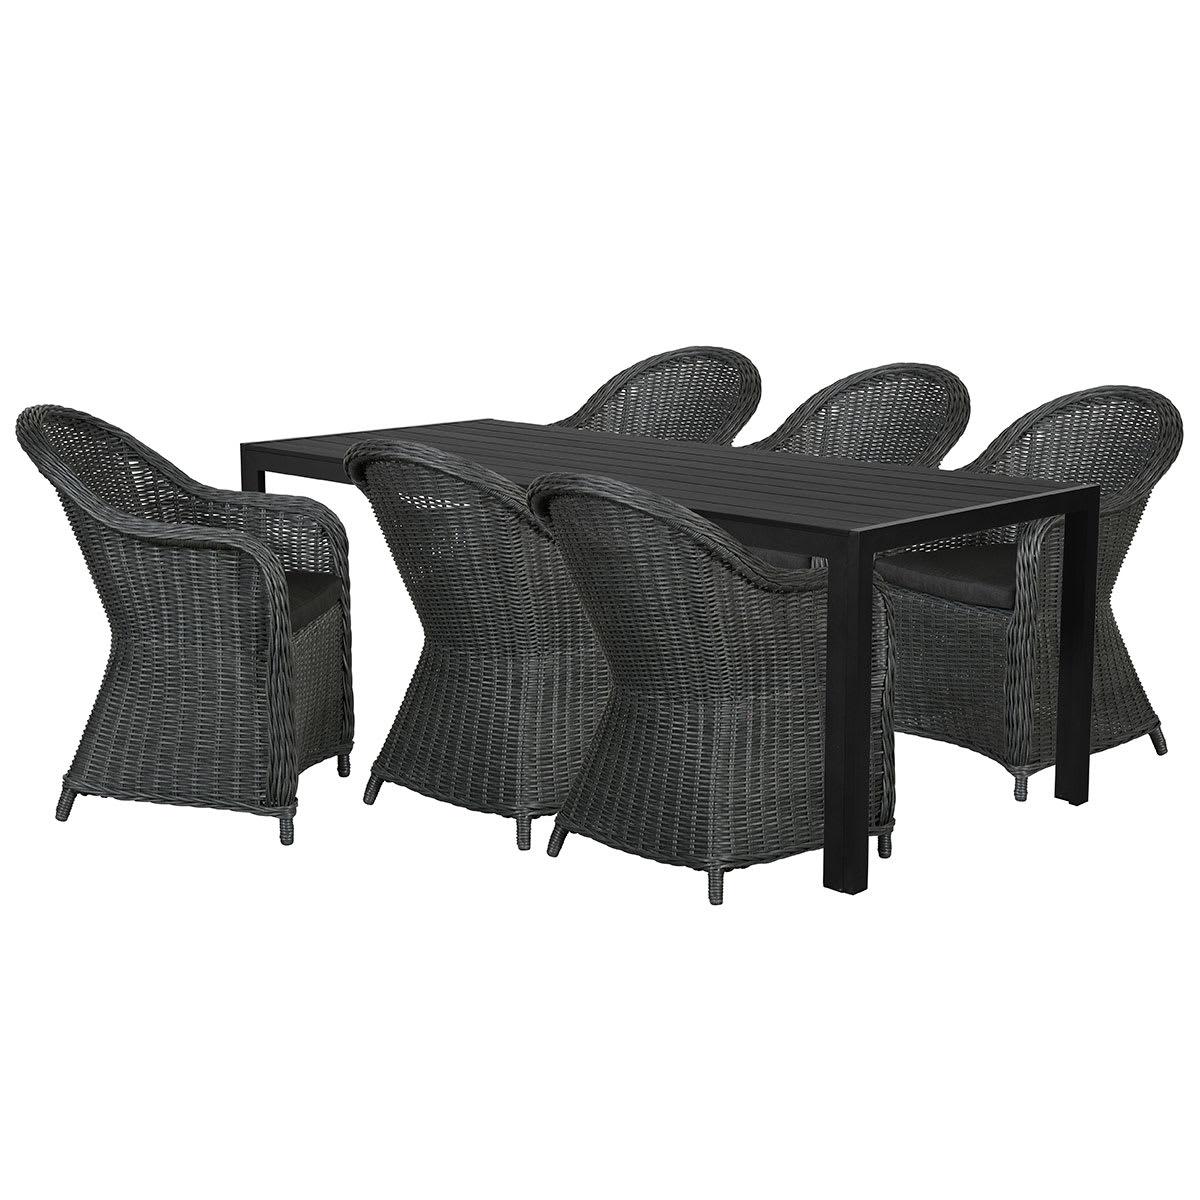 Bord (L 205 cm) og kåbestole inkl. hynder